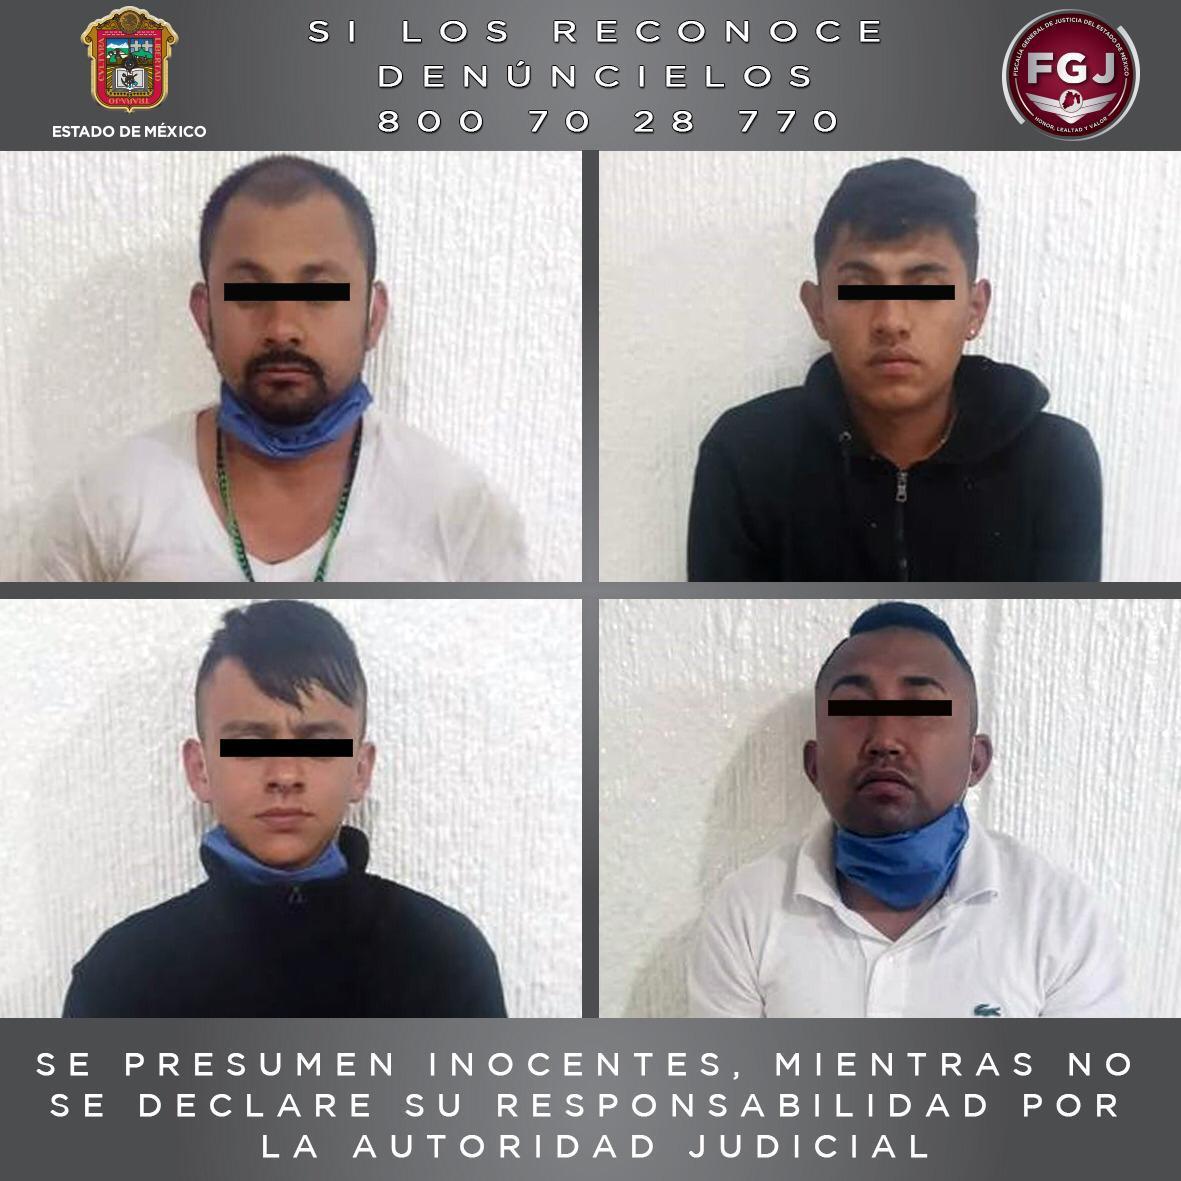 Inician proceso legal en contra de cuatro sujetos por extorsión y robo con violencia